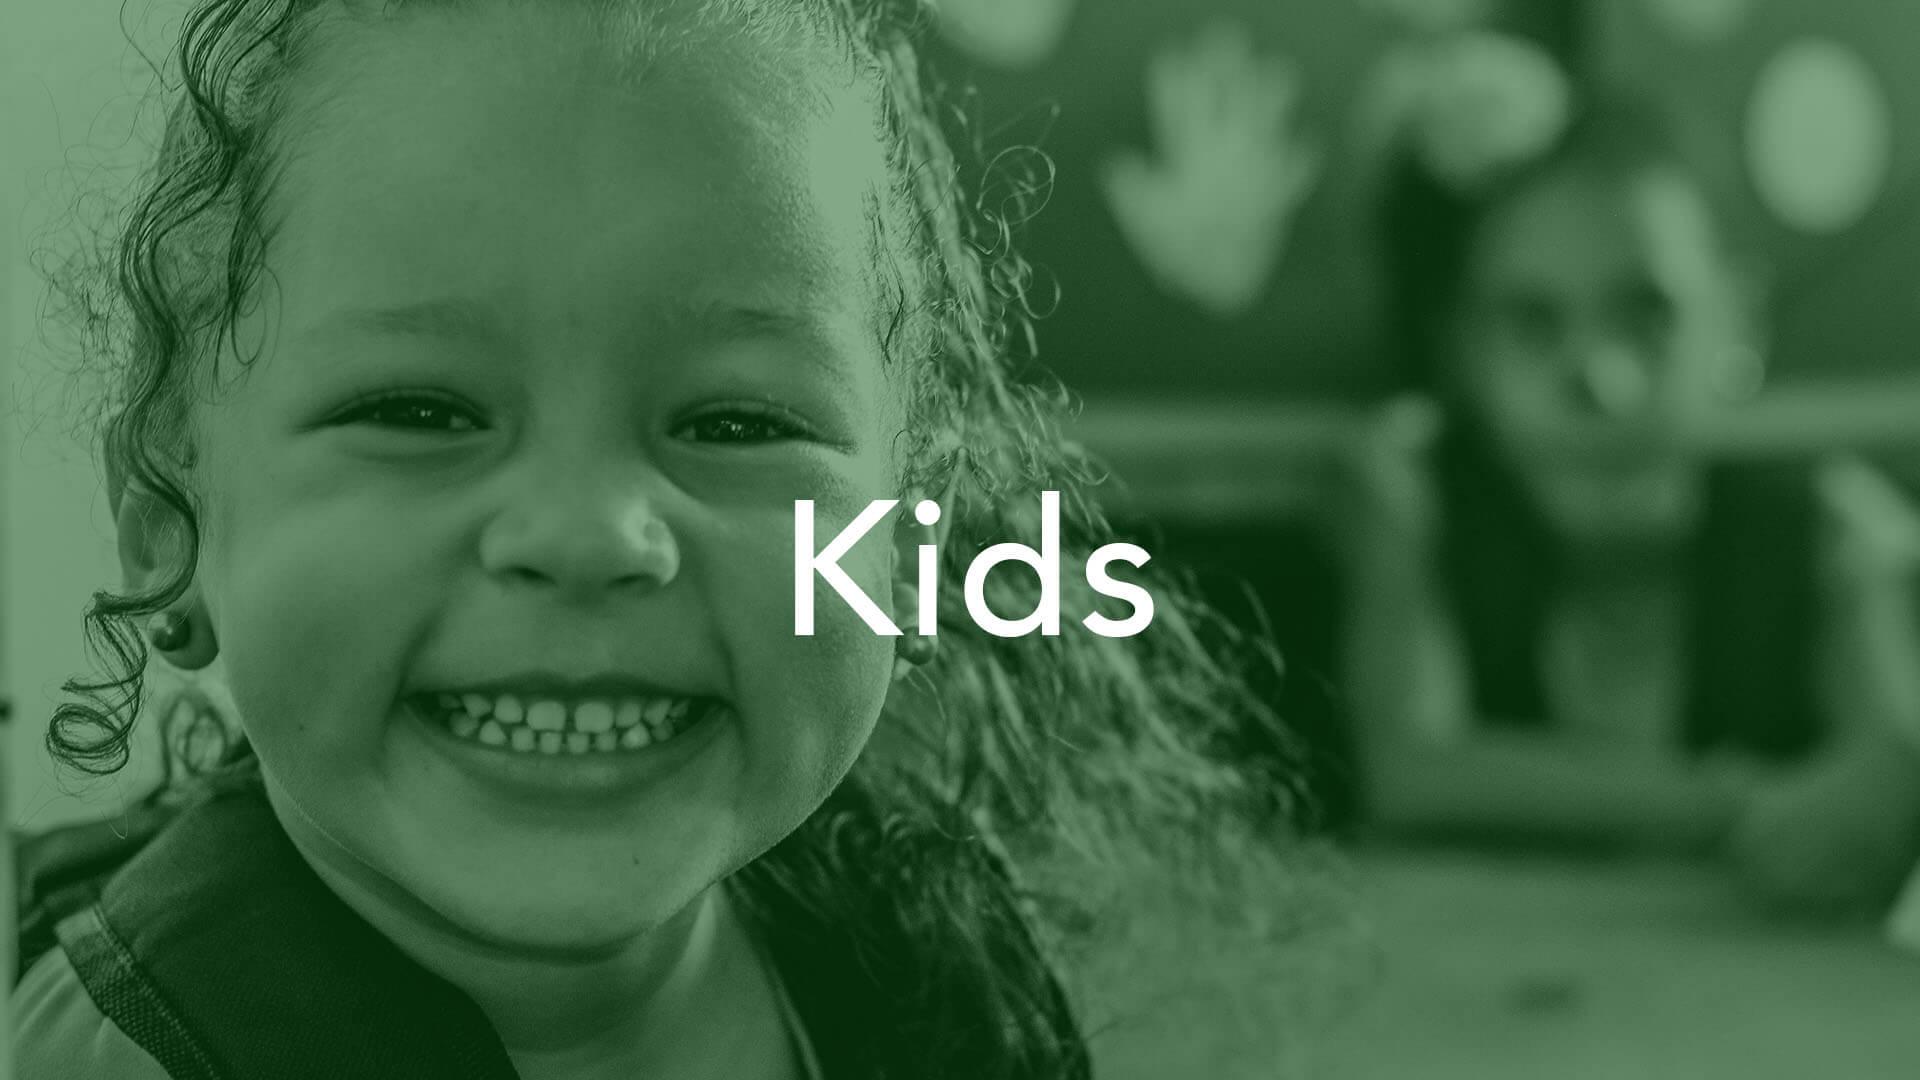 Kidslight